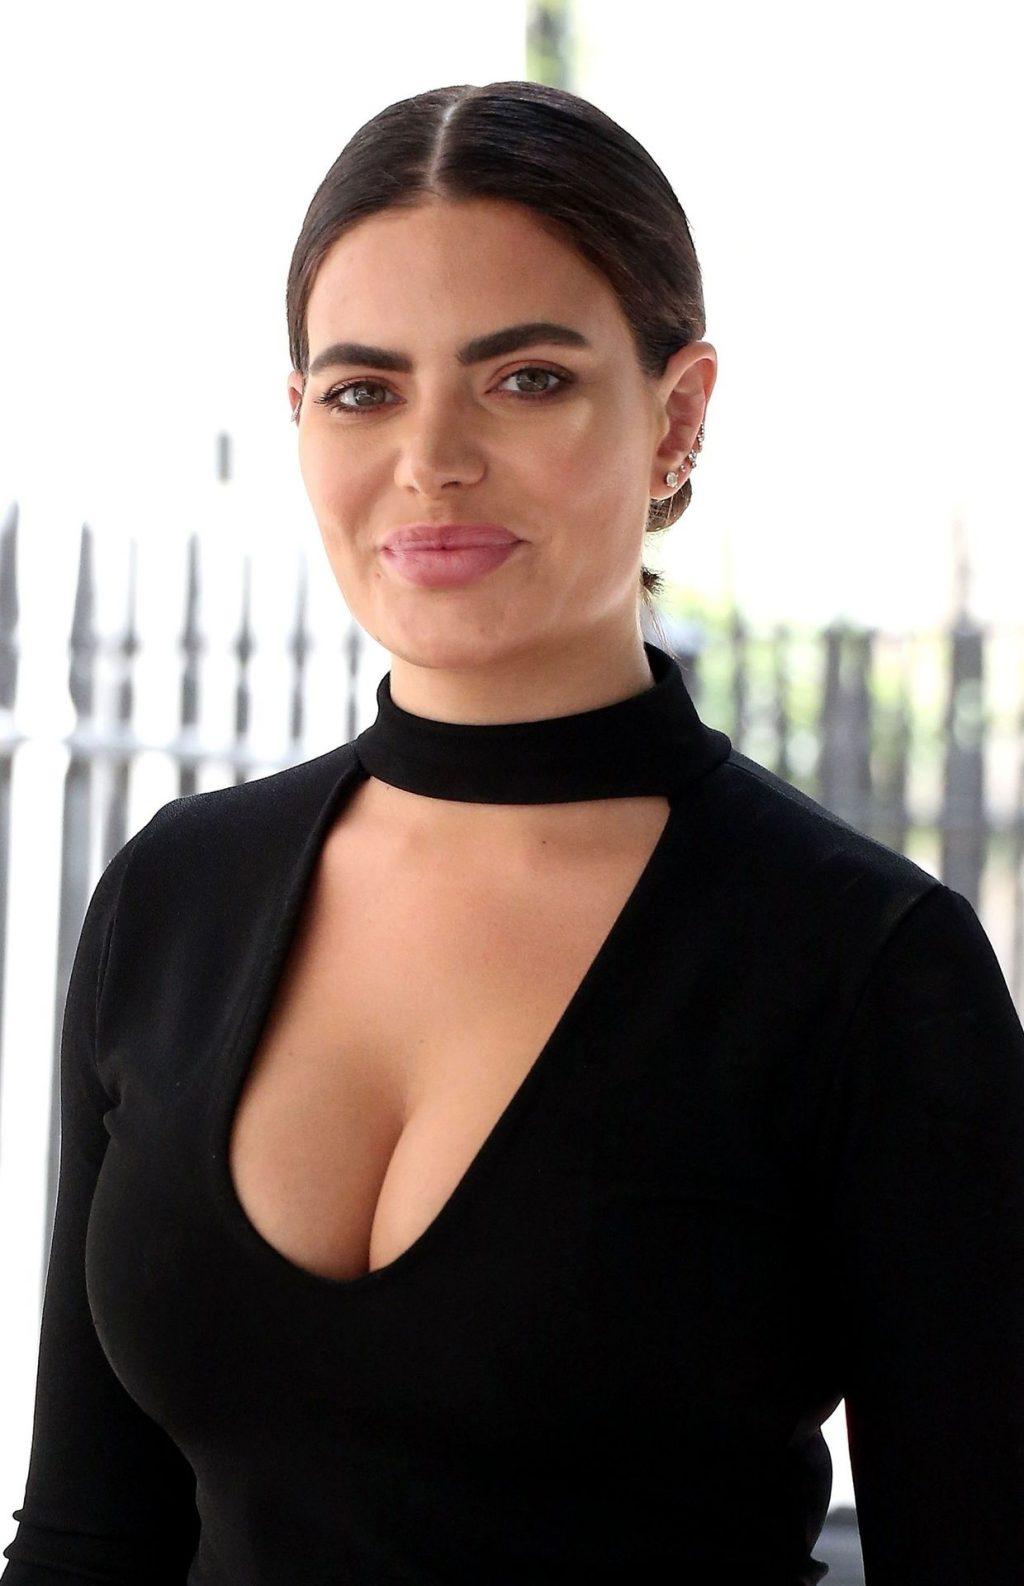 Megan Barton Hanson Sexy Thefappeningblog Com 42 2 1024x1586